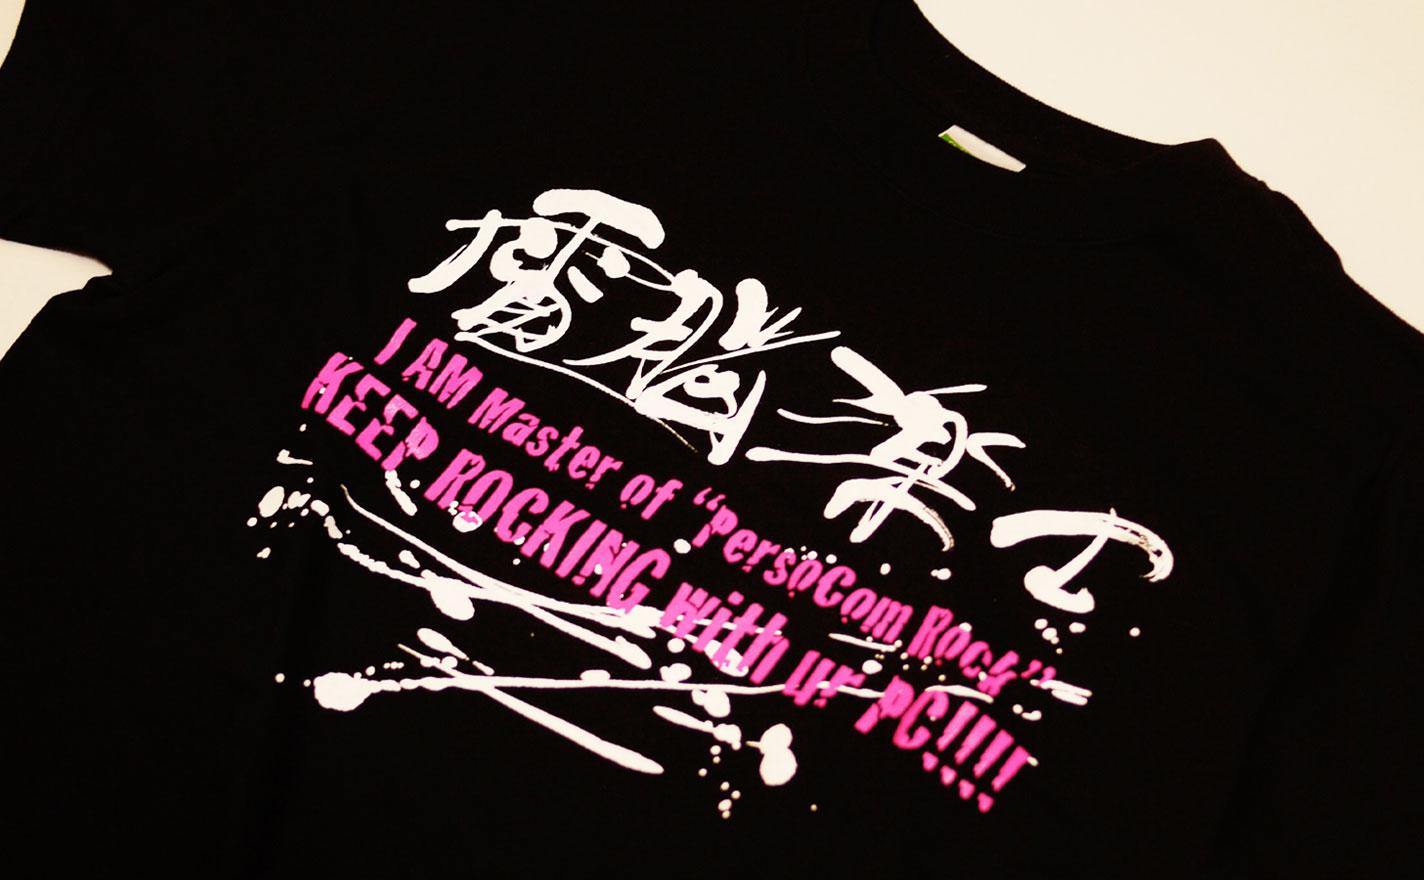 電脳楽士のTシャツ